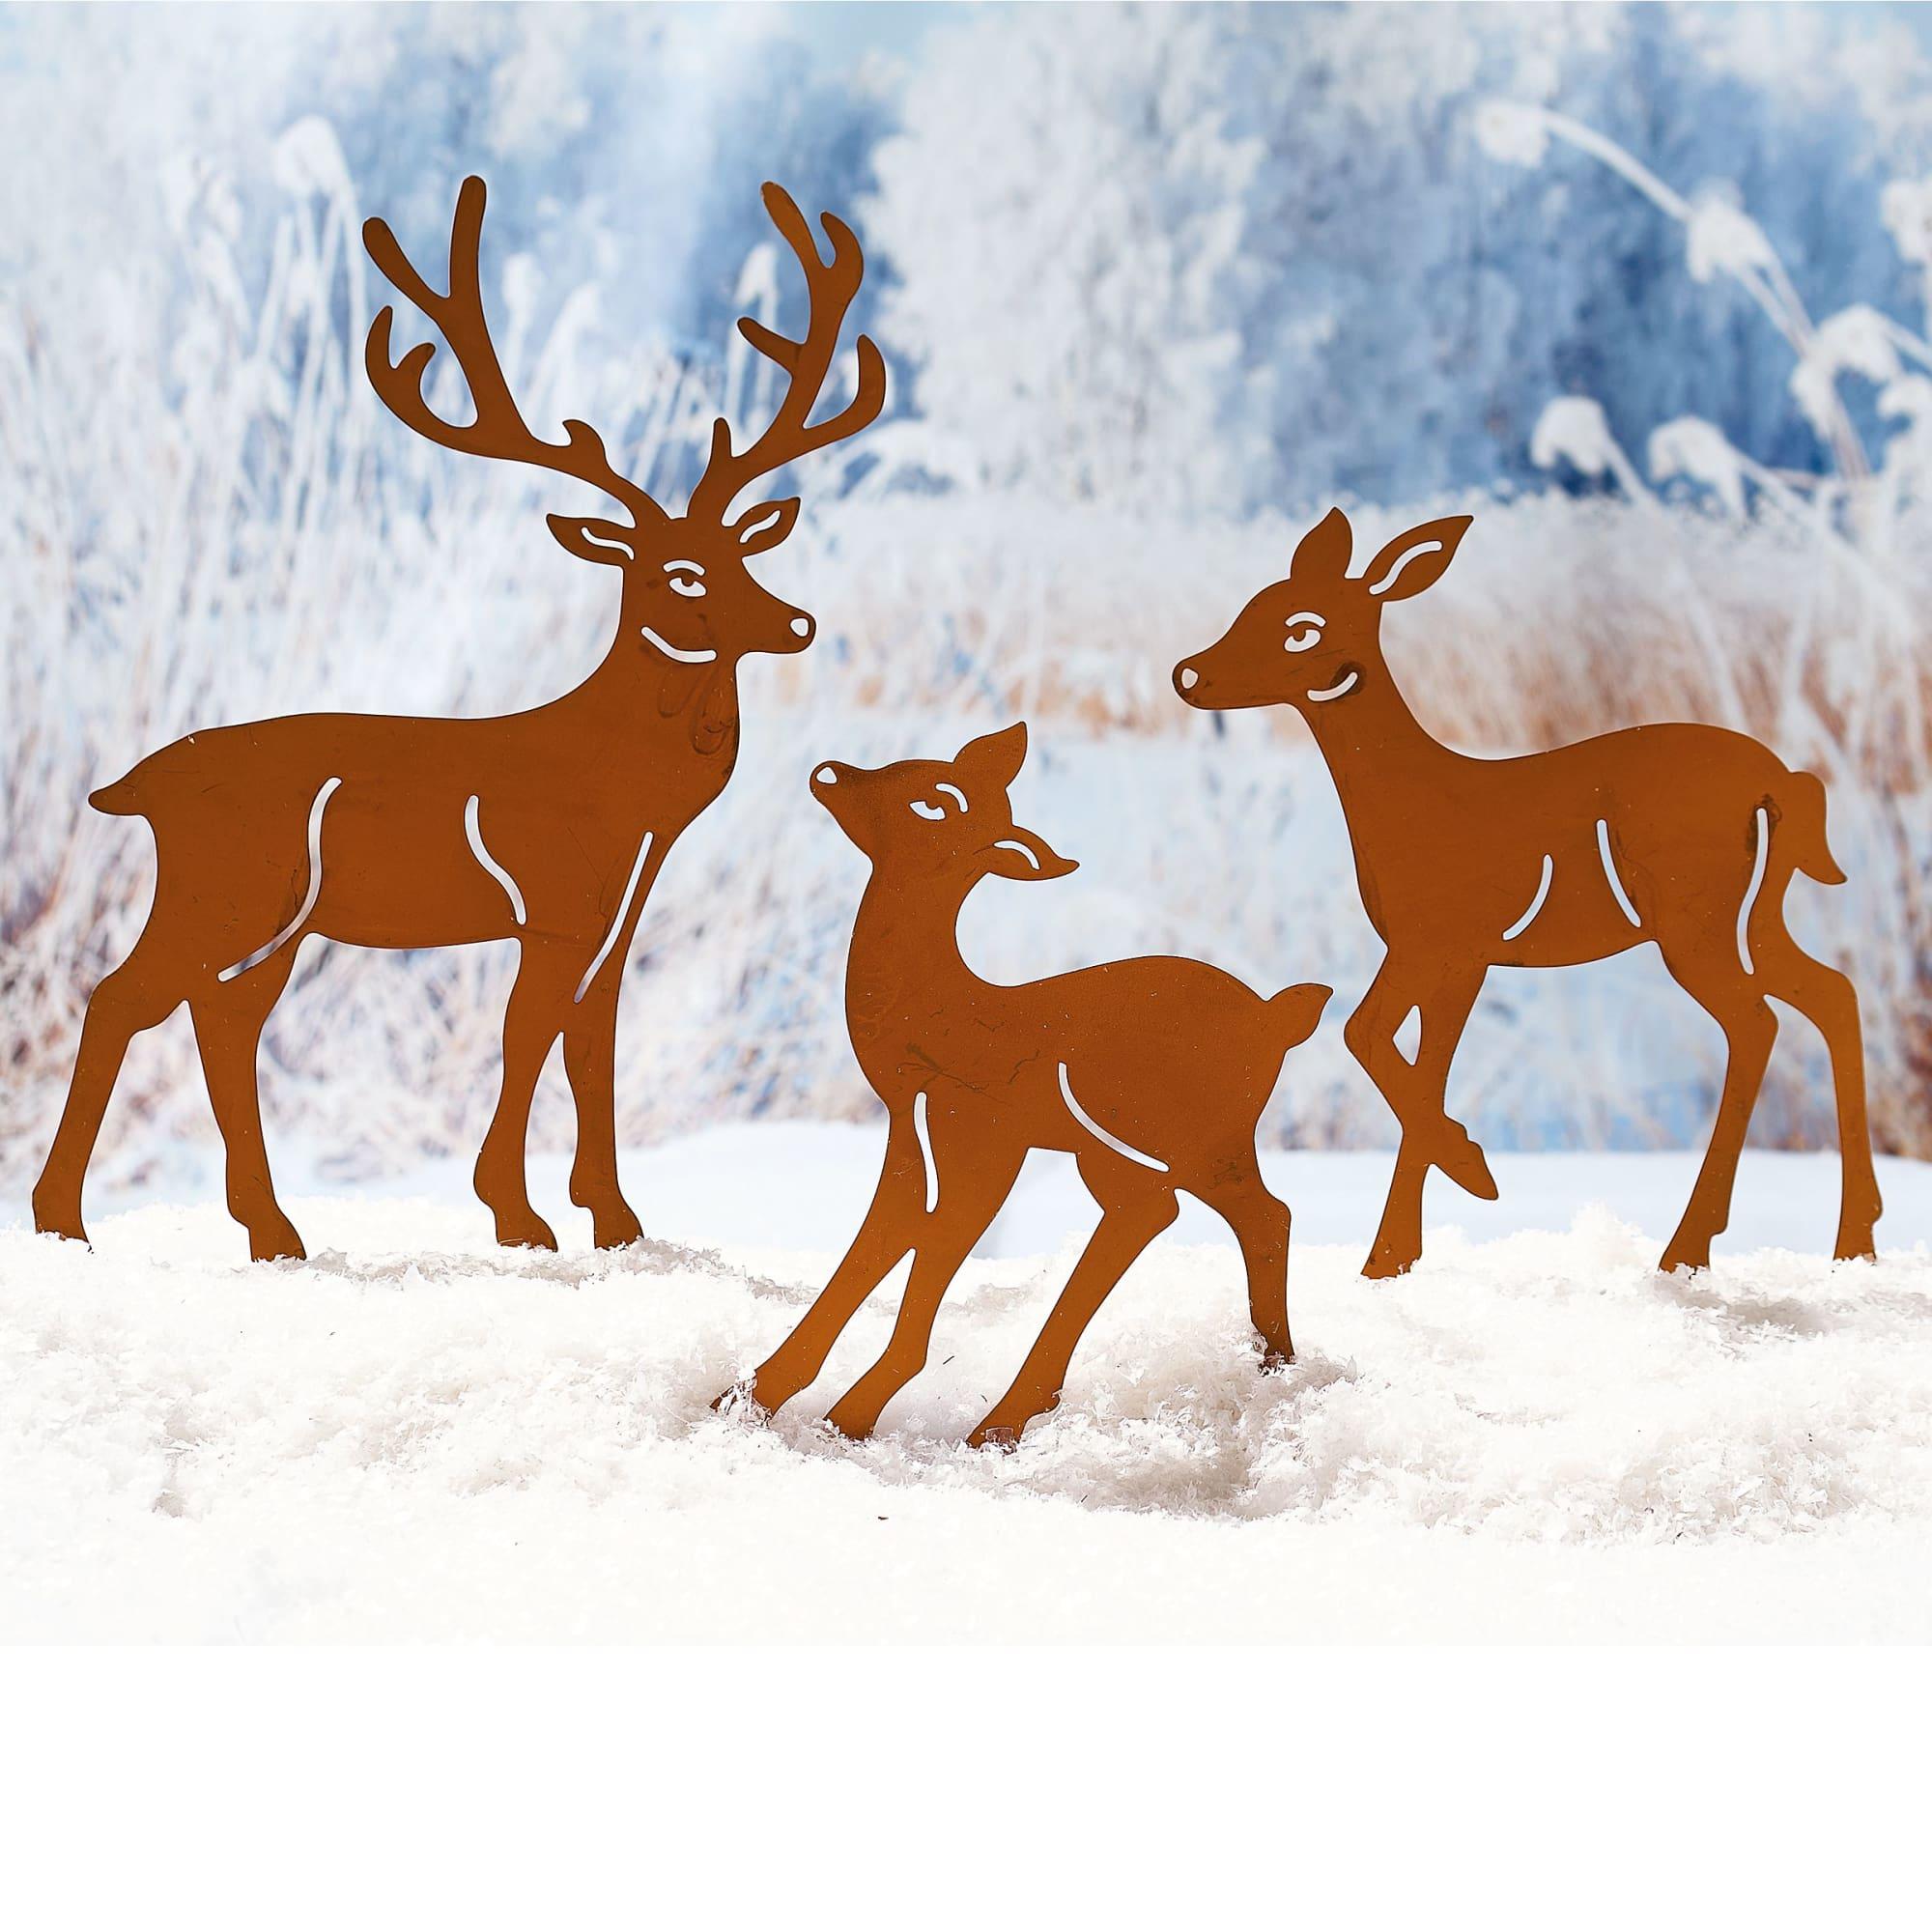 Gartenstecker Weihnachten.Gartenstecker Hirschfamilie 3 Tlg Im Rostfinish Zum Stecken